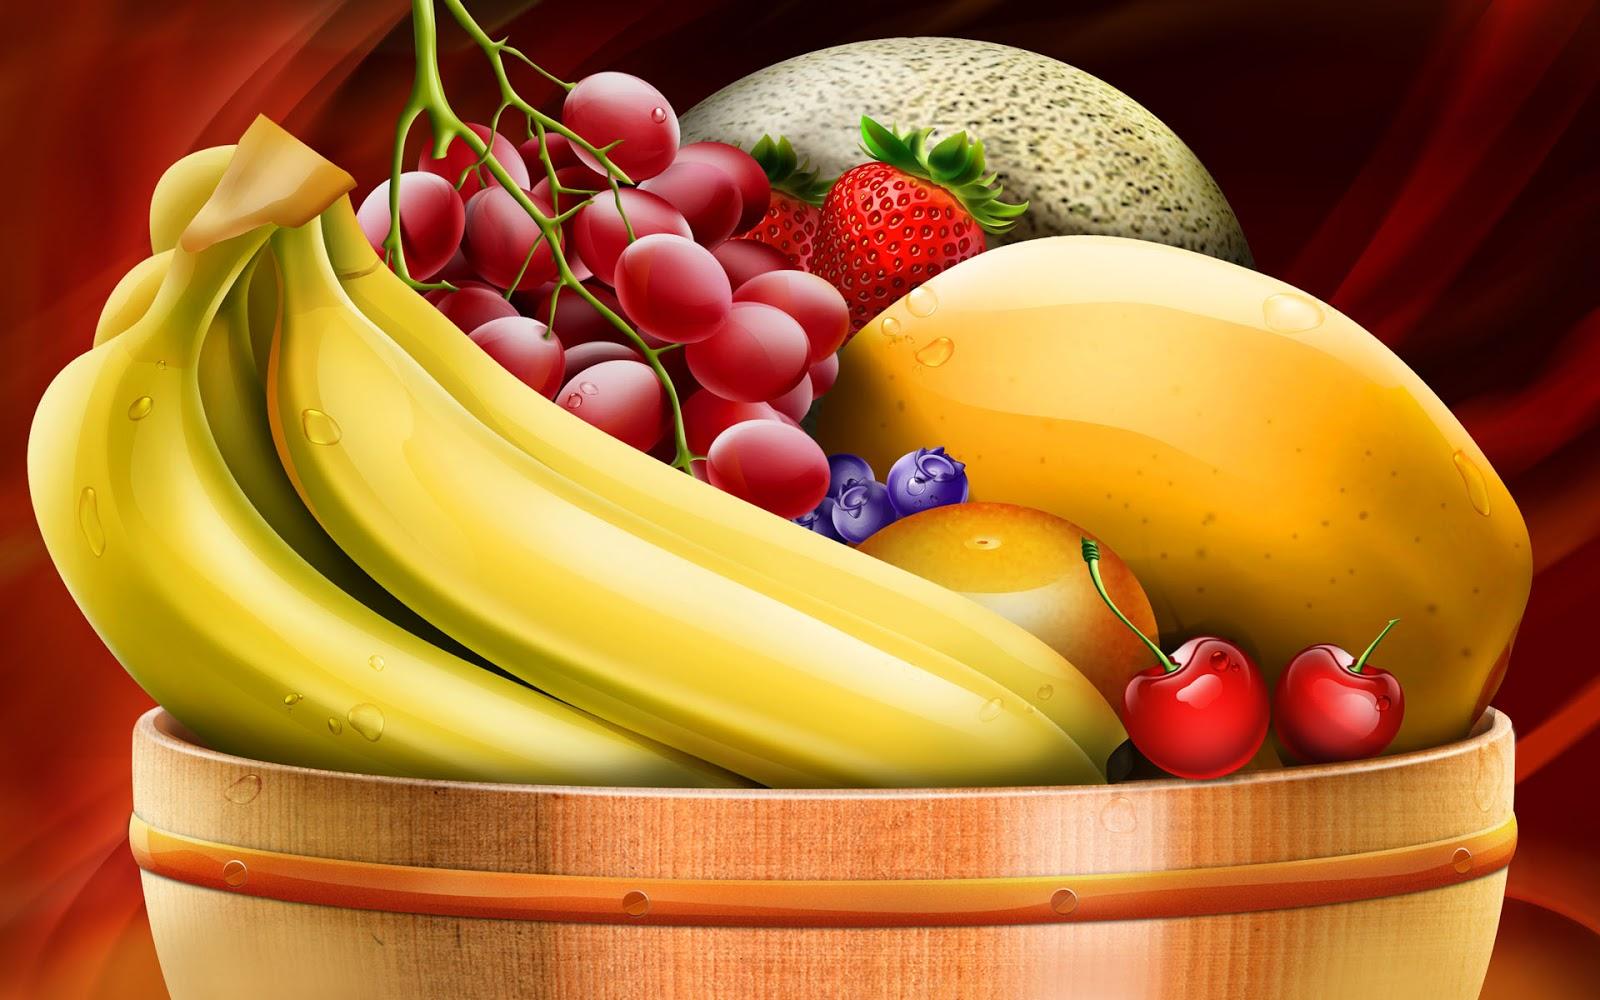 Manfaat Kesehatan Dari Makan Buah